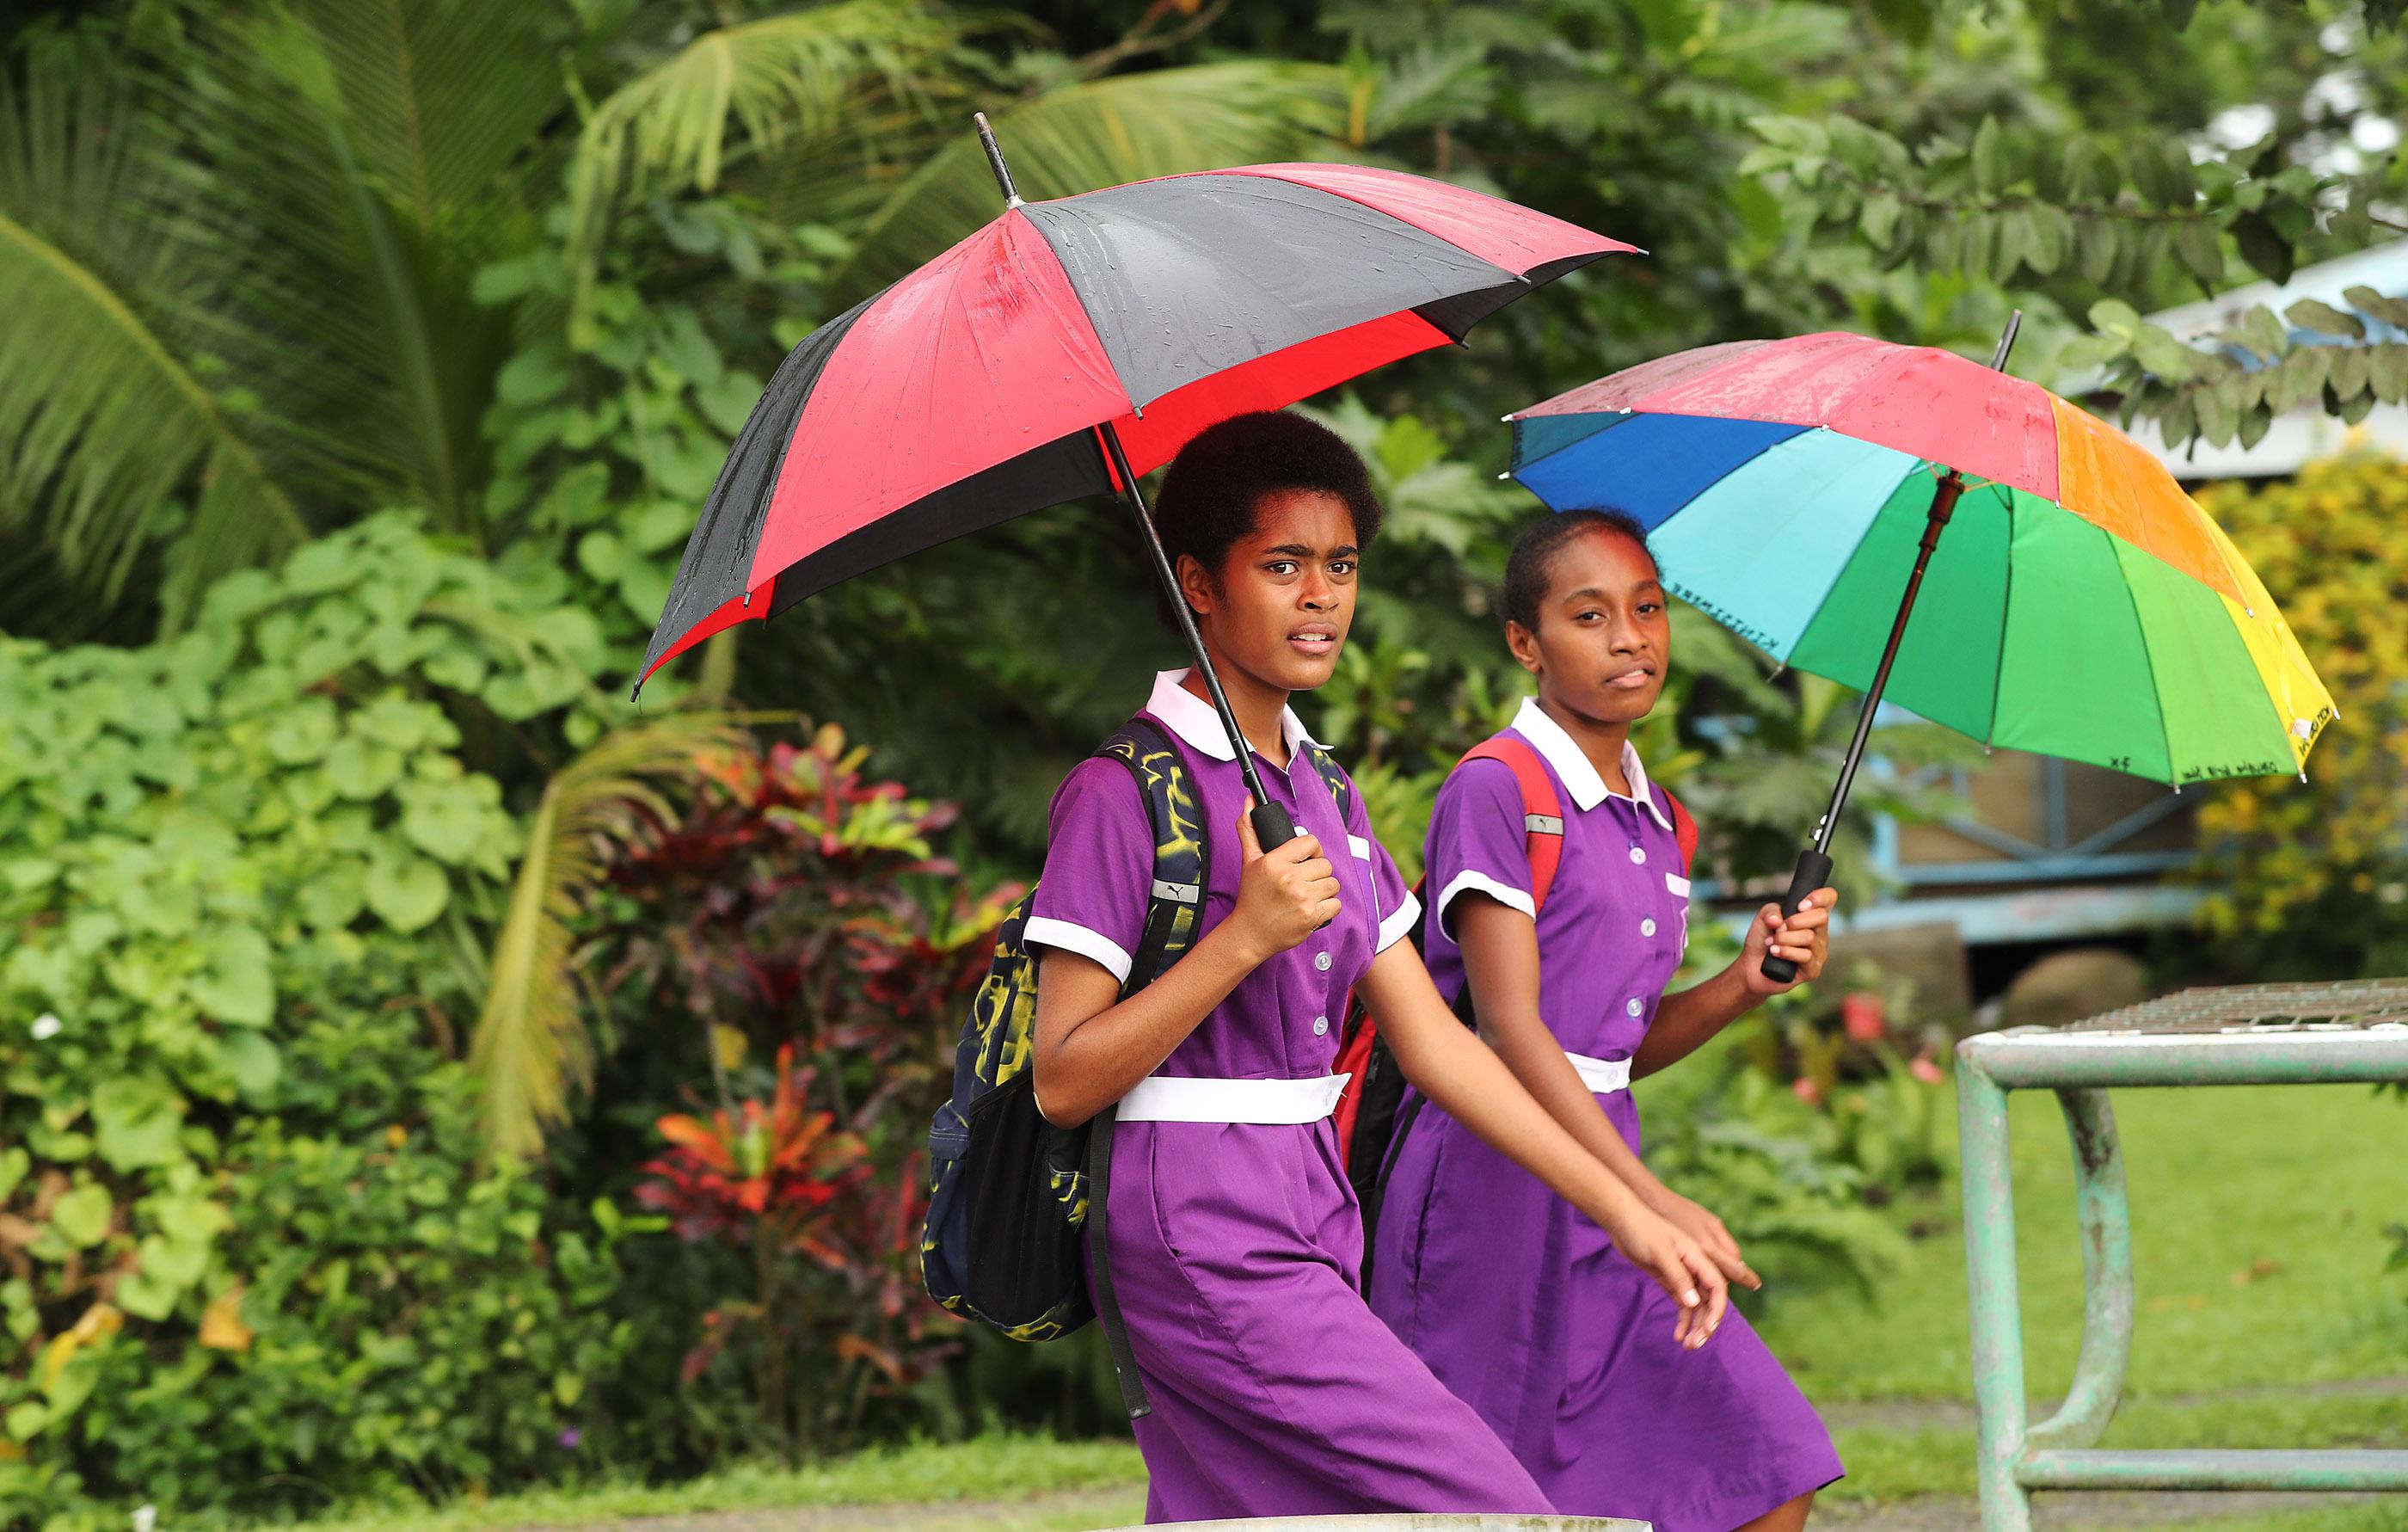 School girls walk home in Nausori, Fiji on May 22, 2019.